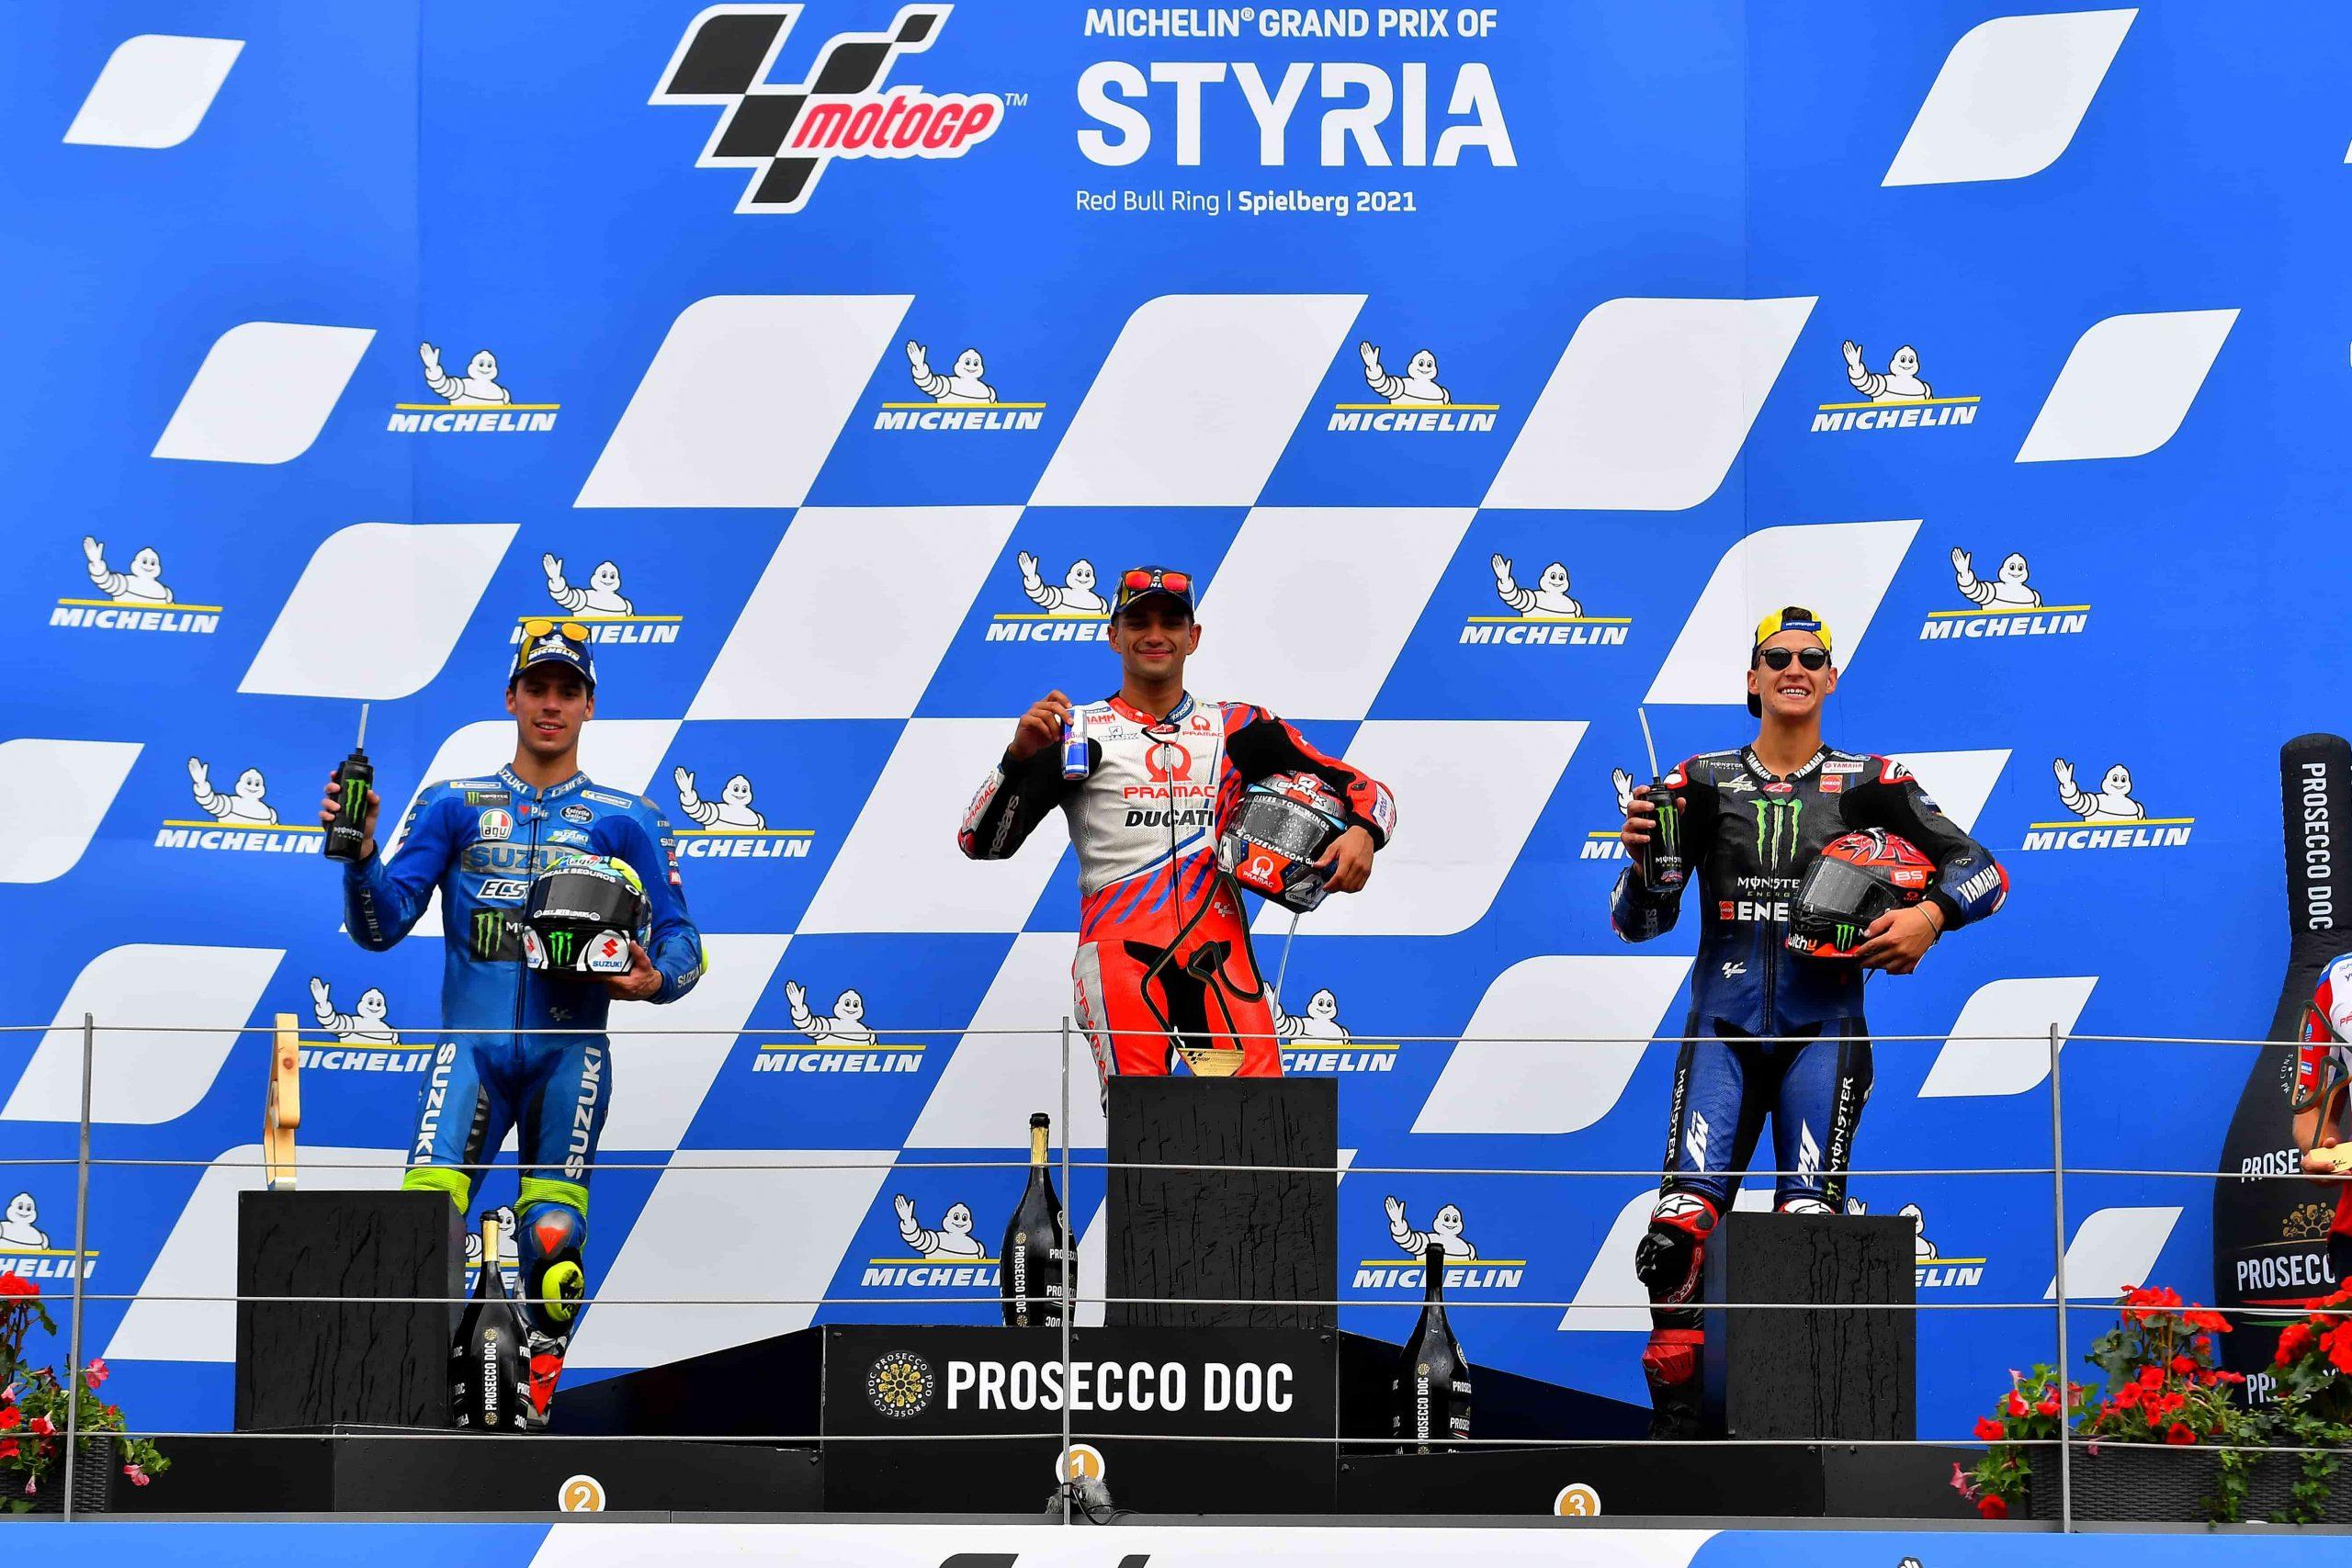 El podio de Estiria como balance de temporada